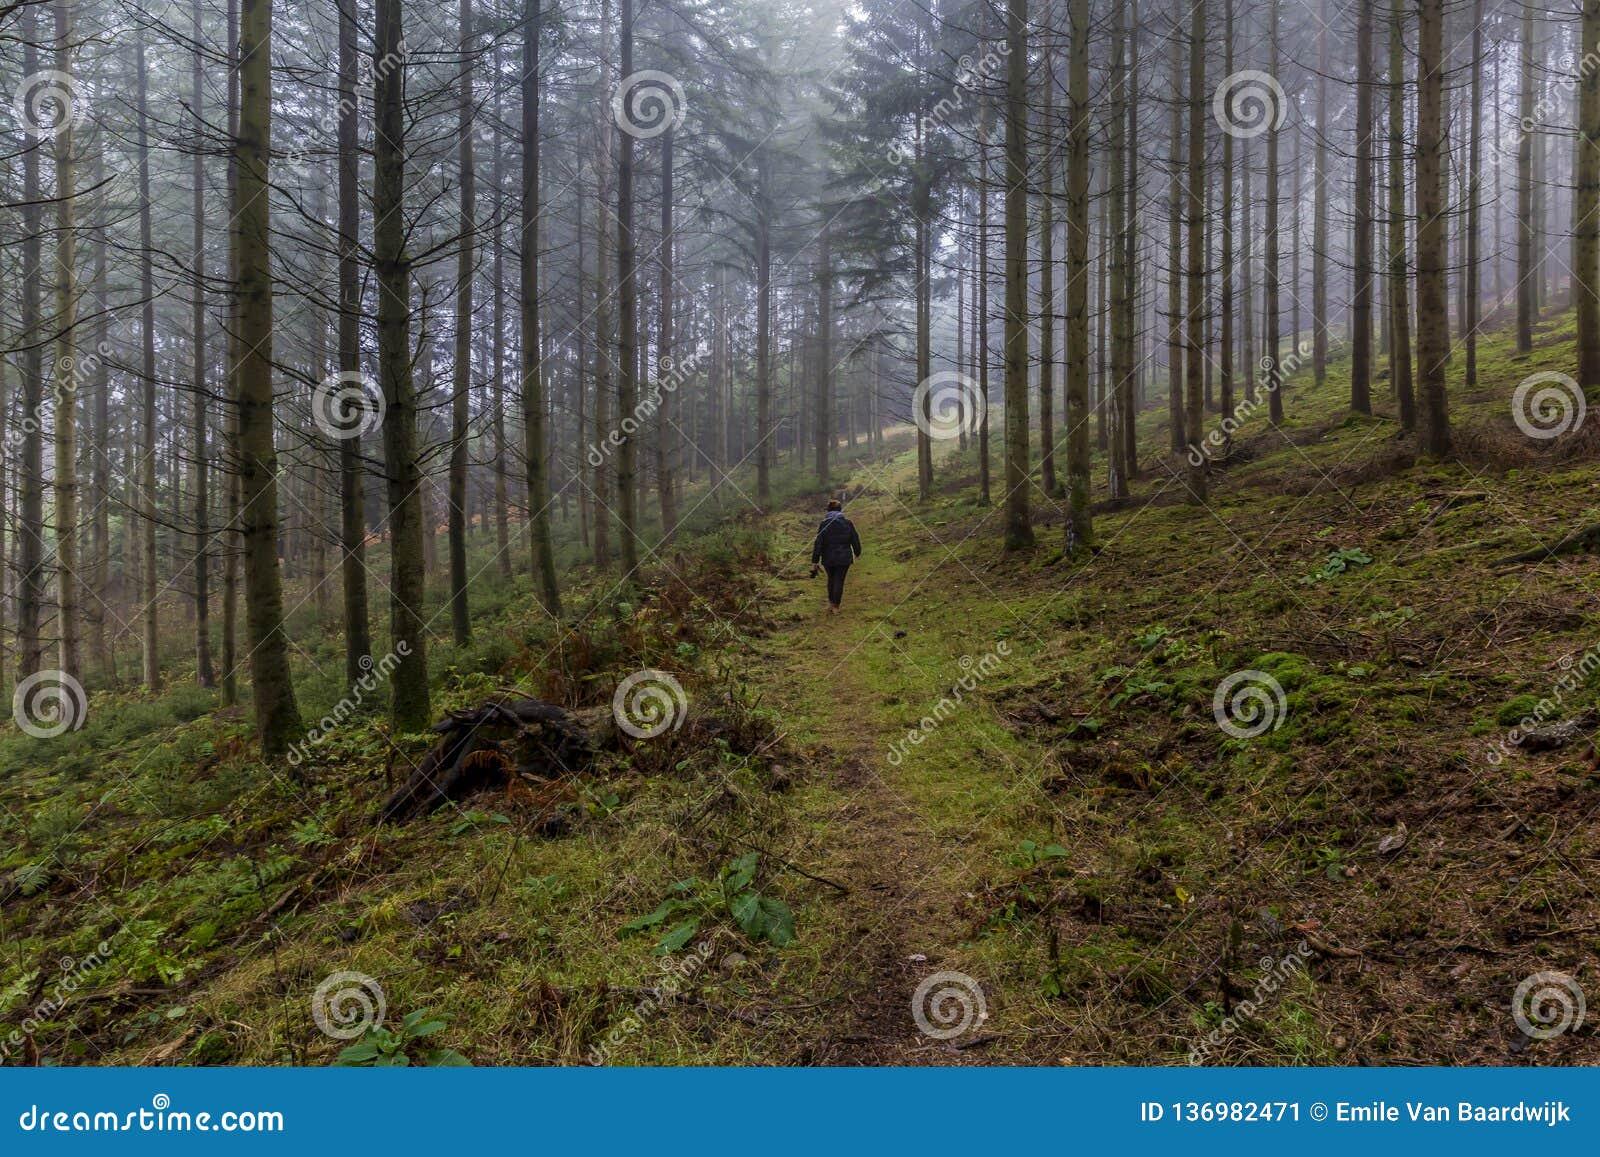 Immagine di una donna che cammina fra i pini alti nella foresta